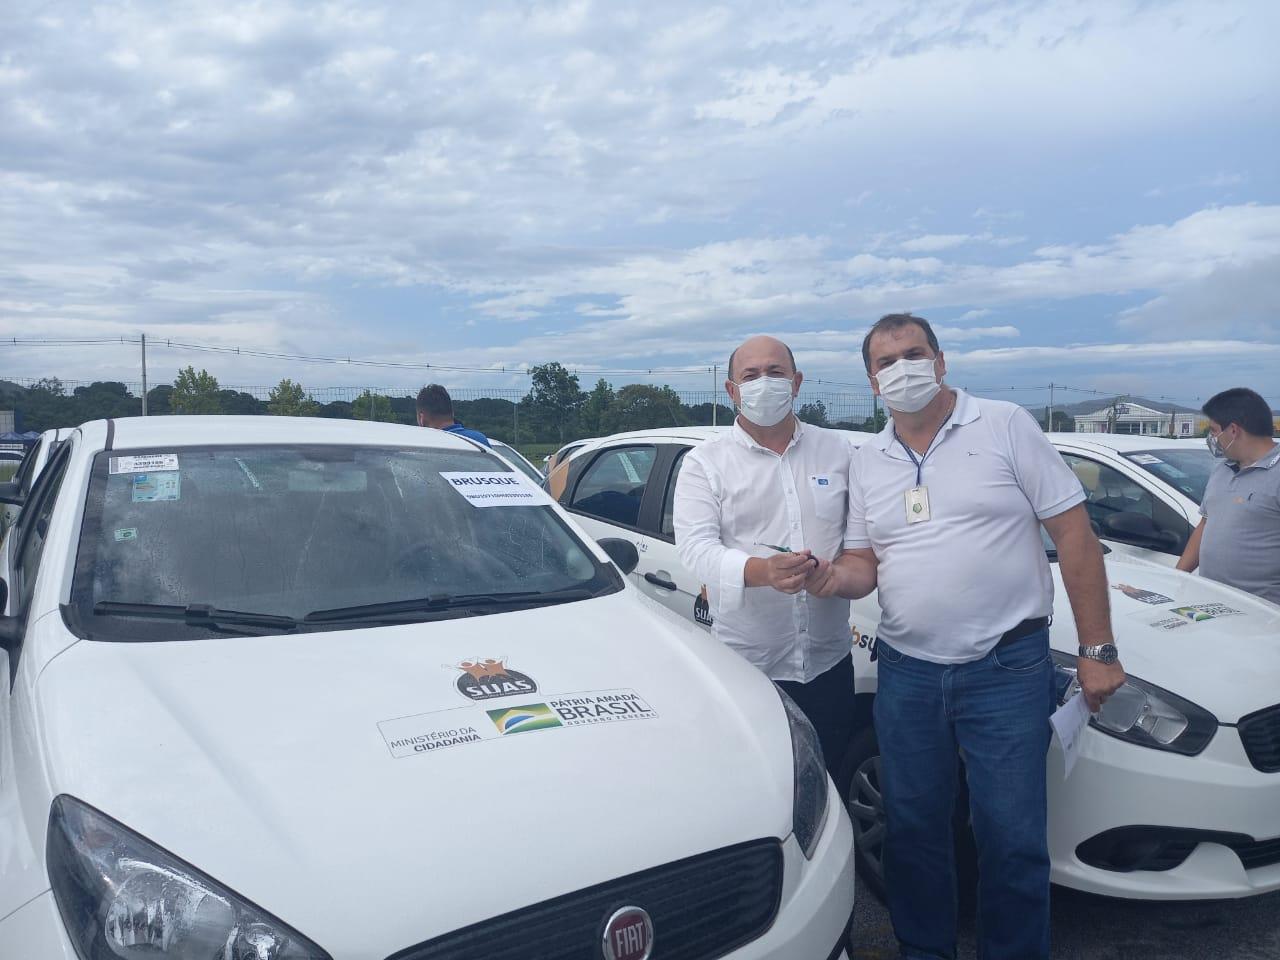 Prefeitura de Brusque recebe três veículos em cerimônia com o Presidente Bolsonaro